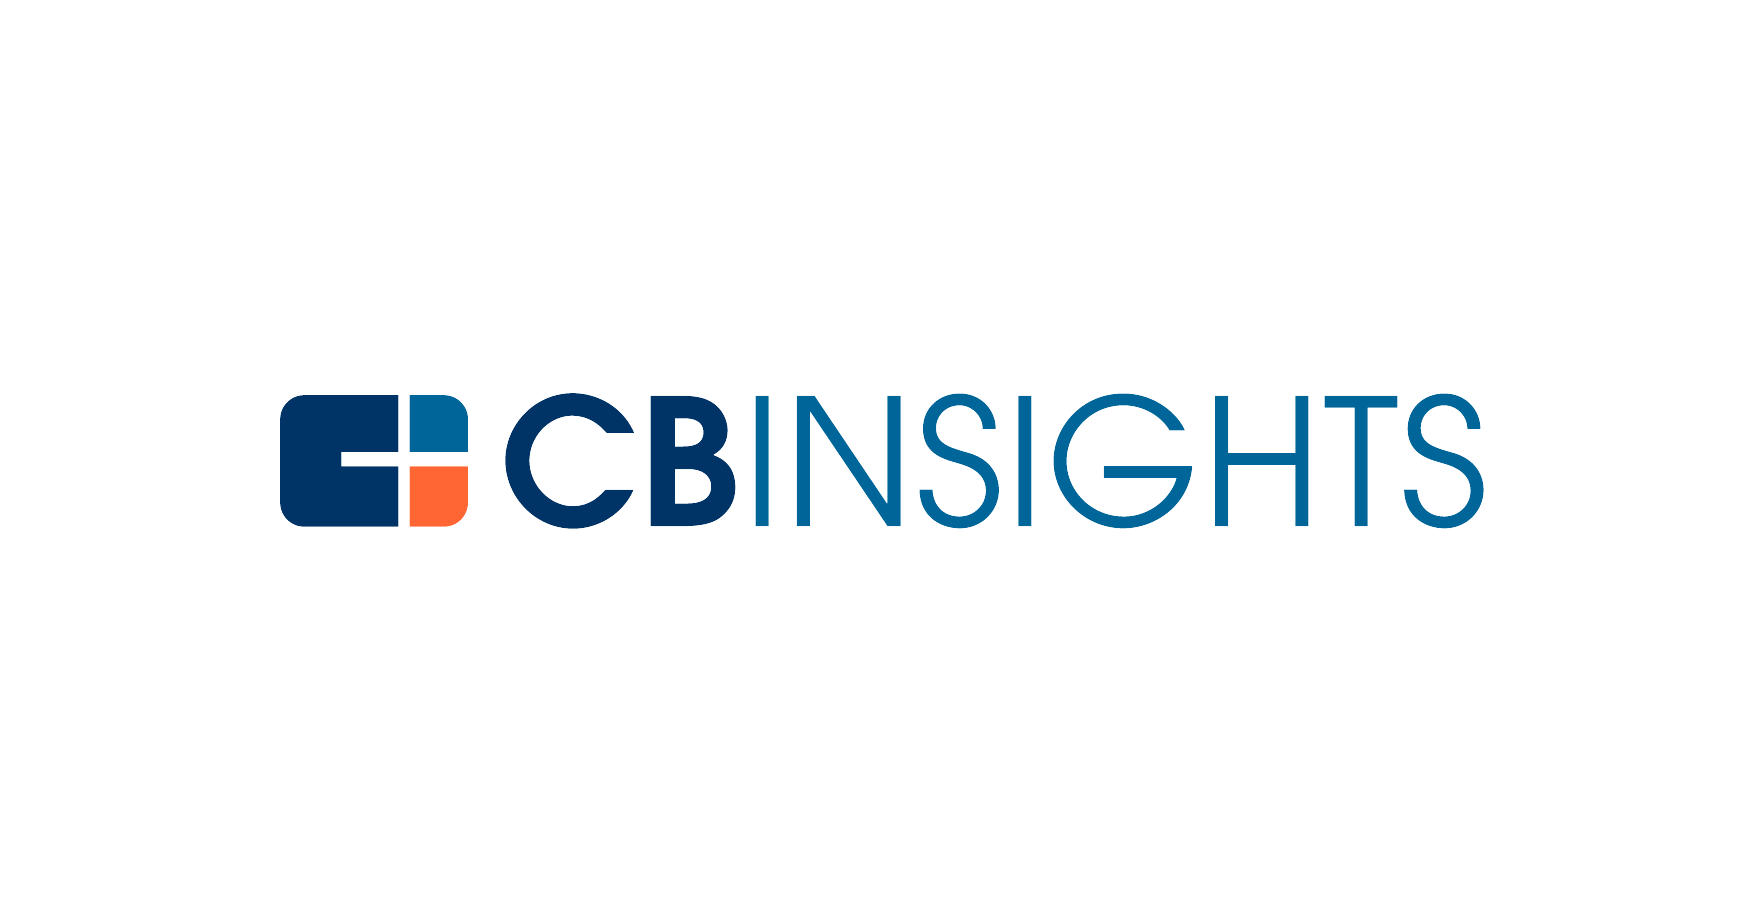 Flutterwave Named in the 2021 CB Insights Fintech 250 List of Top Fintech Startups